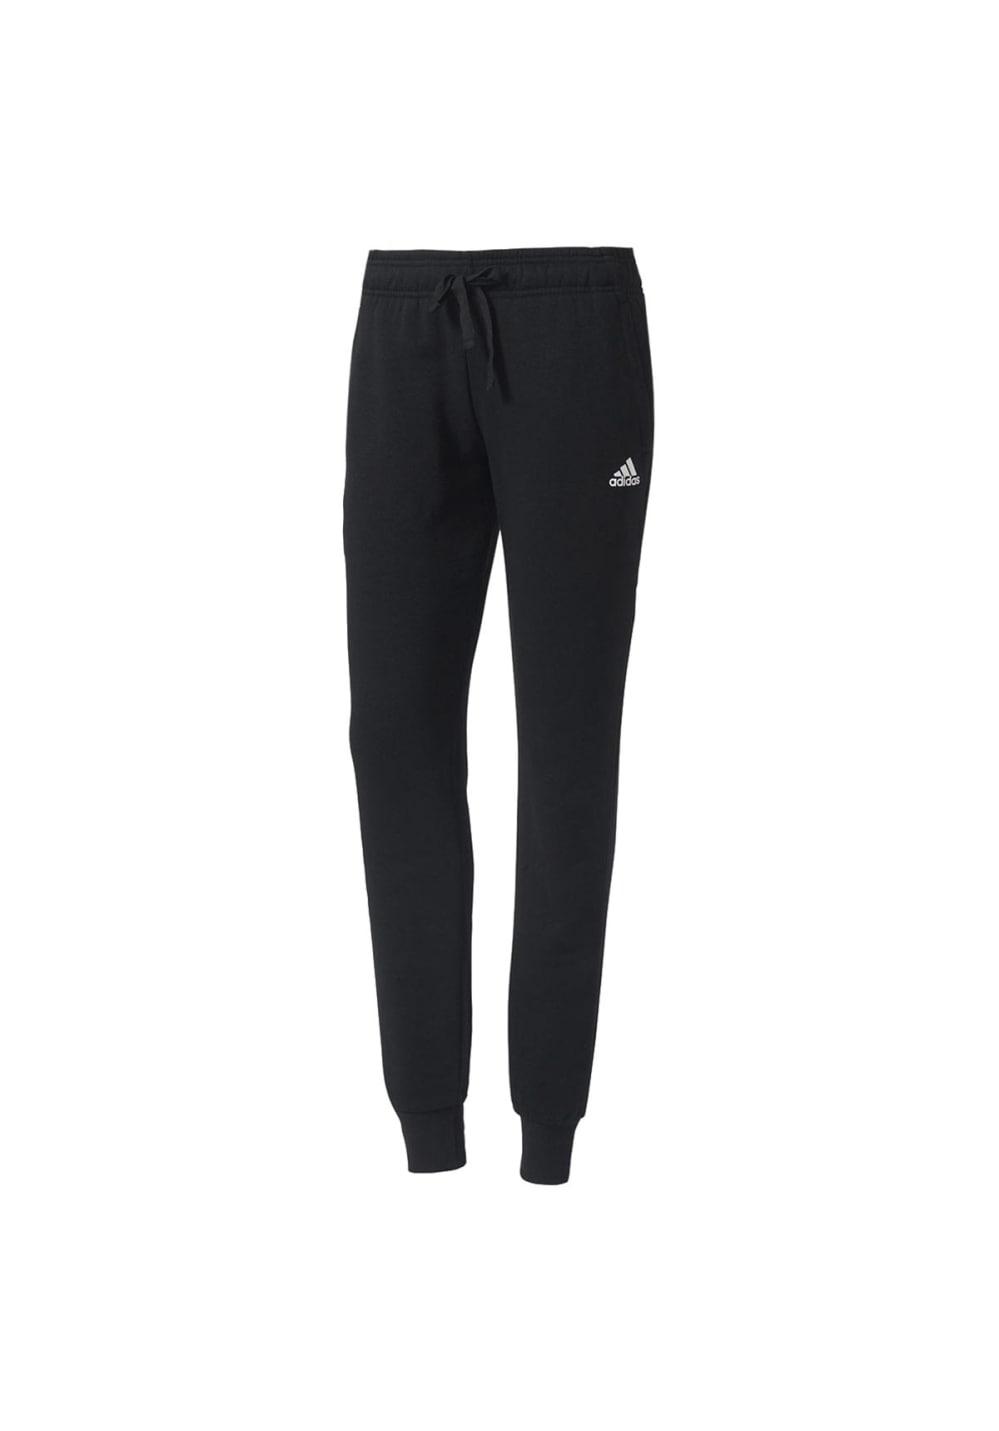 adidas Essentials Solid Pant - Fitnesshosen für Damen - Schwarz